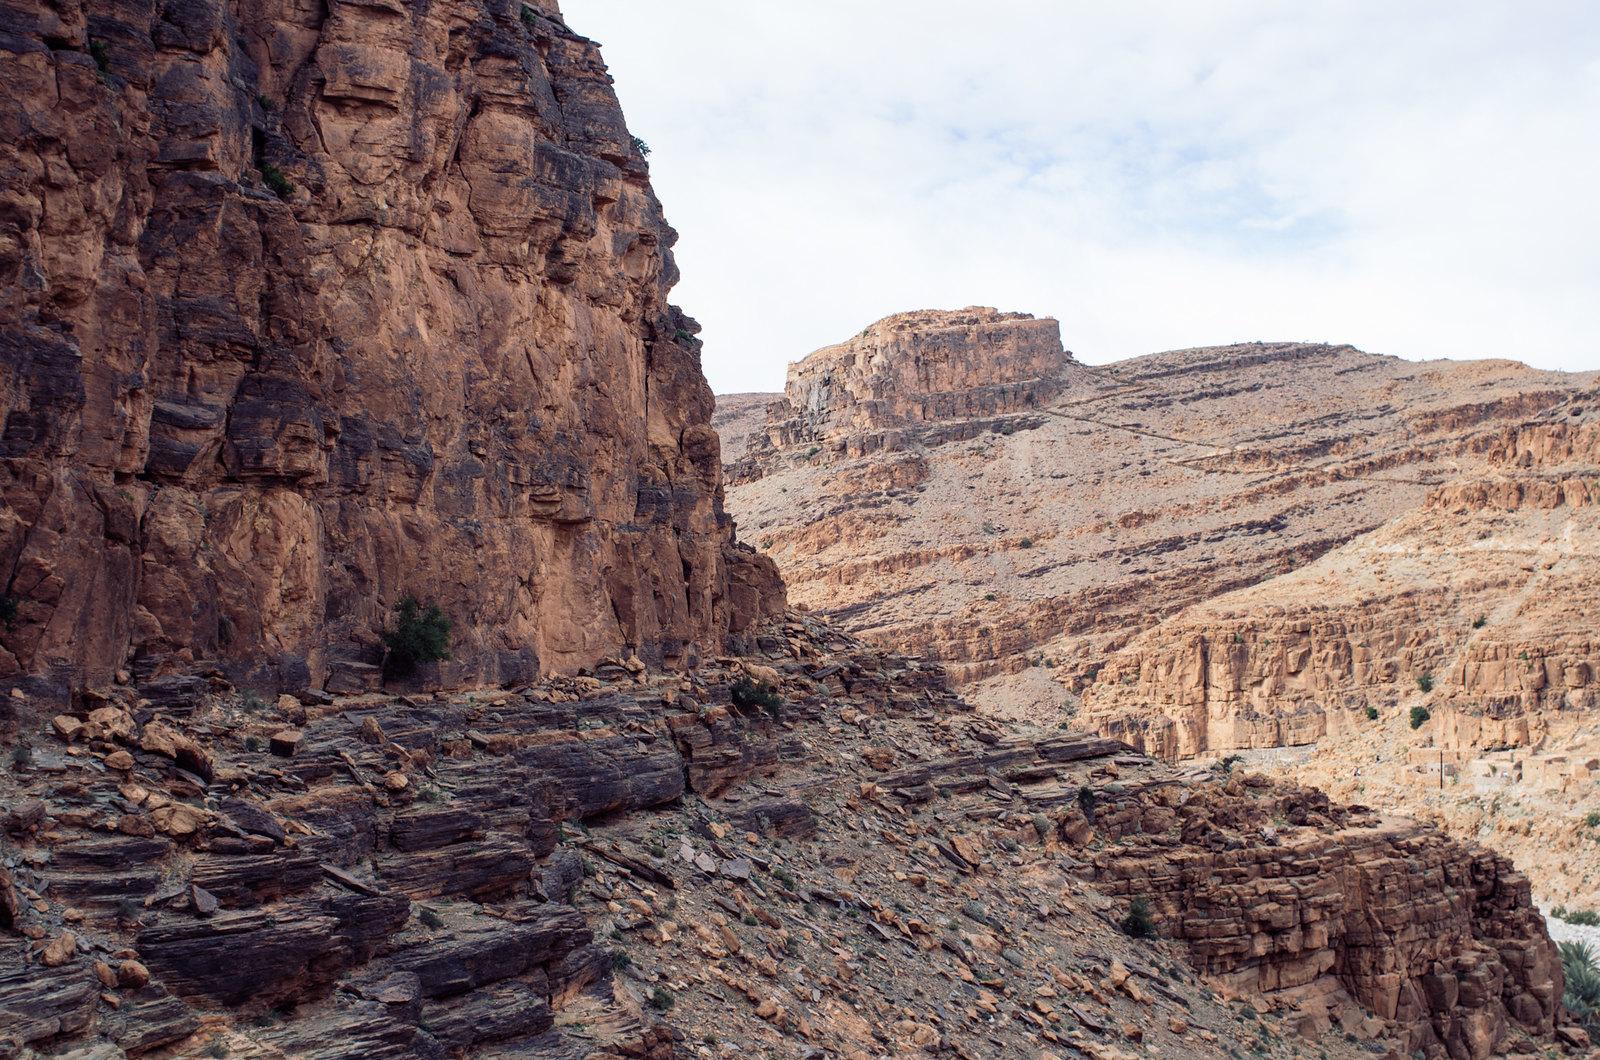 Amtoudi, anti-Atlas - 5 jours de trek au Maroc - Forteresse pétrifiée